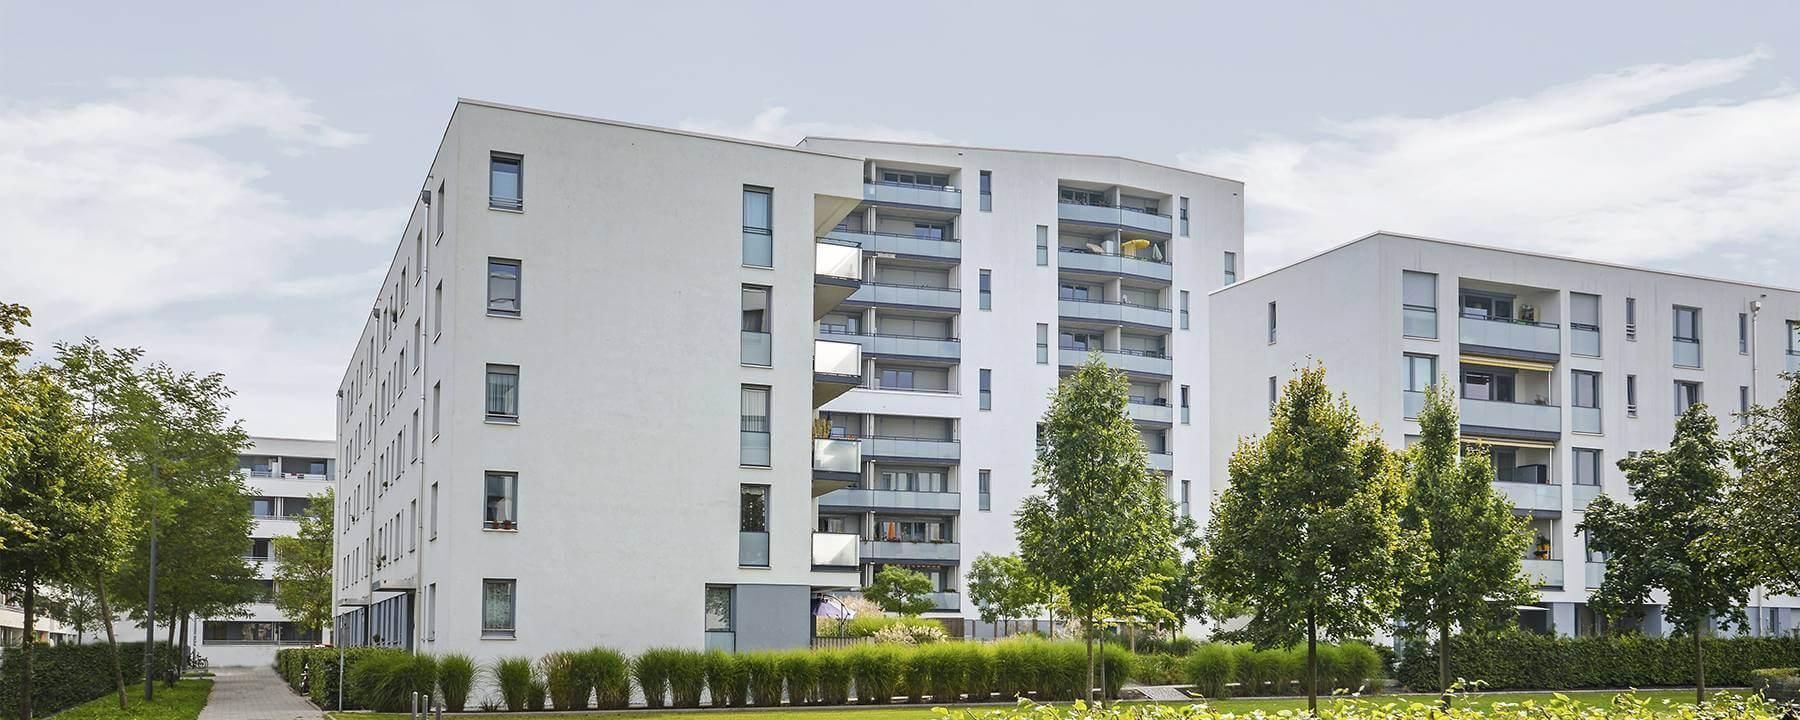 Energia solar para condomínios: como funciona e as vantagens